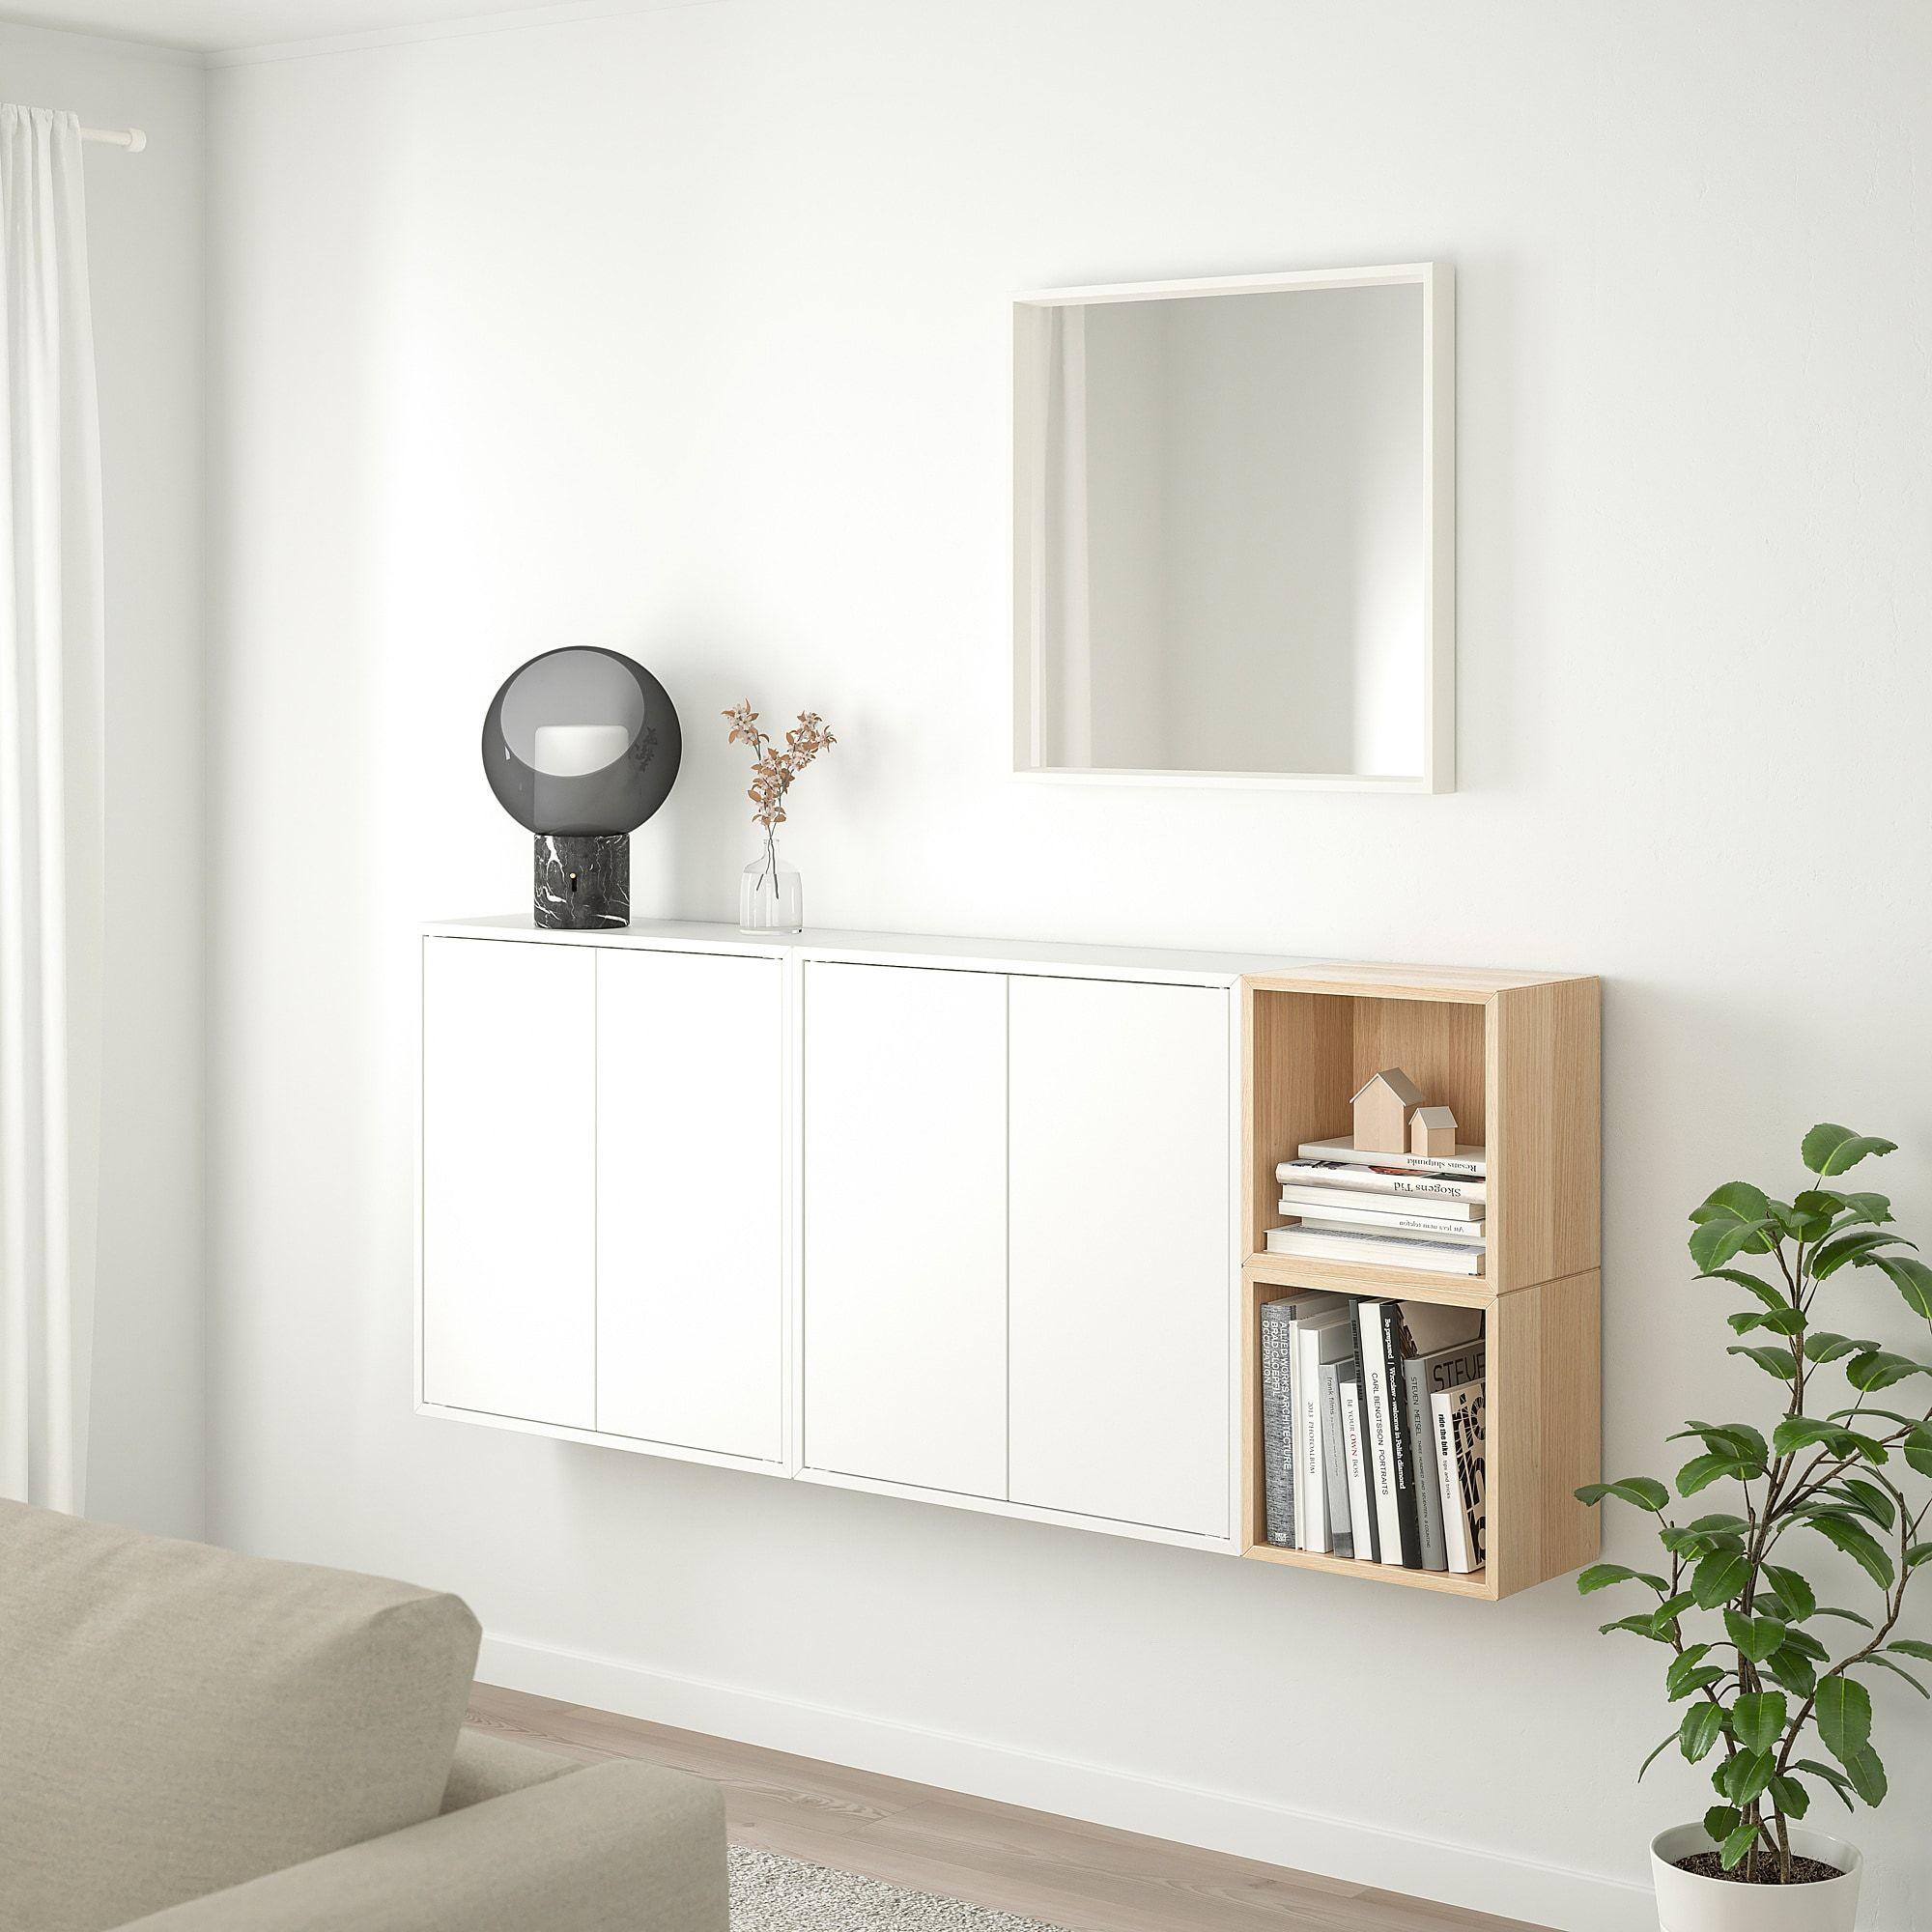 rangement mural ikea meuble